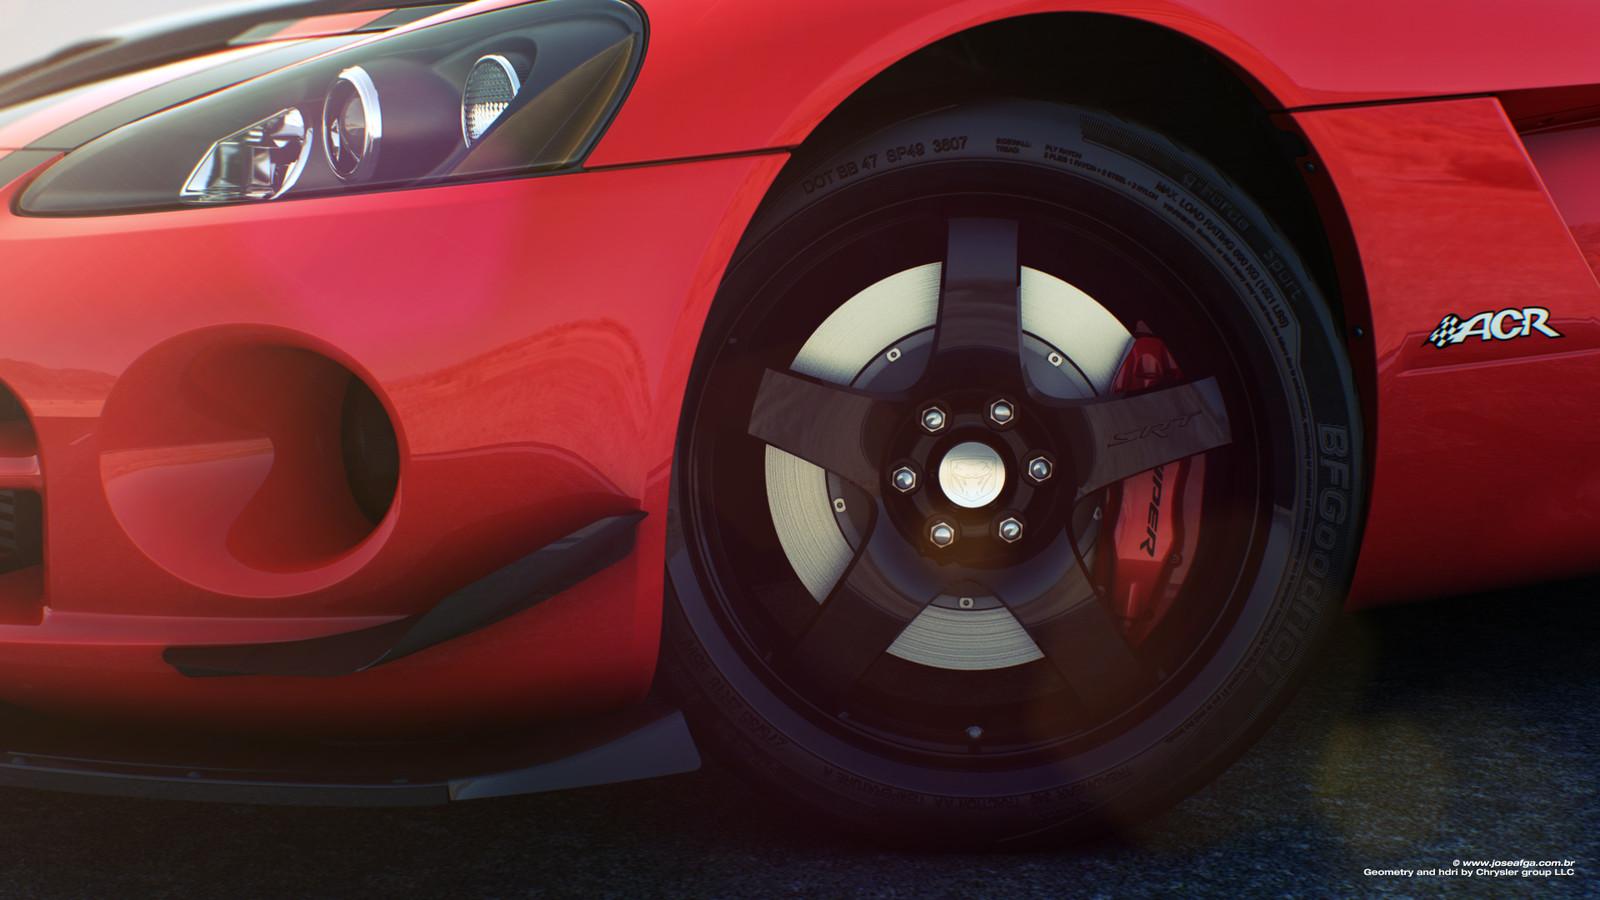 Viper ACR Wheel